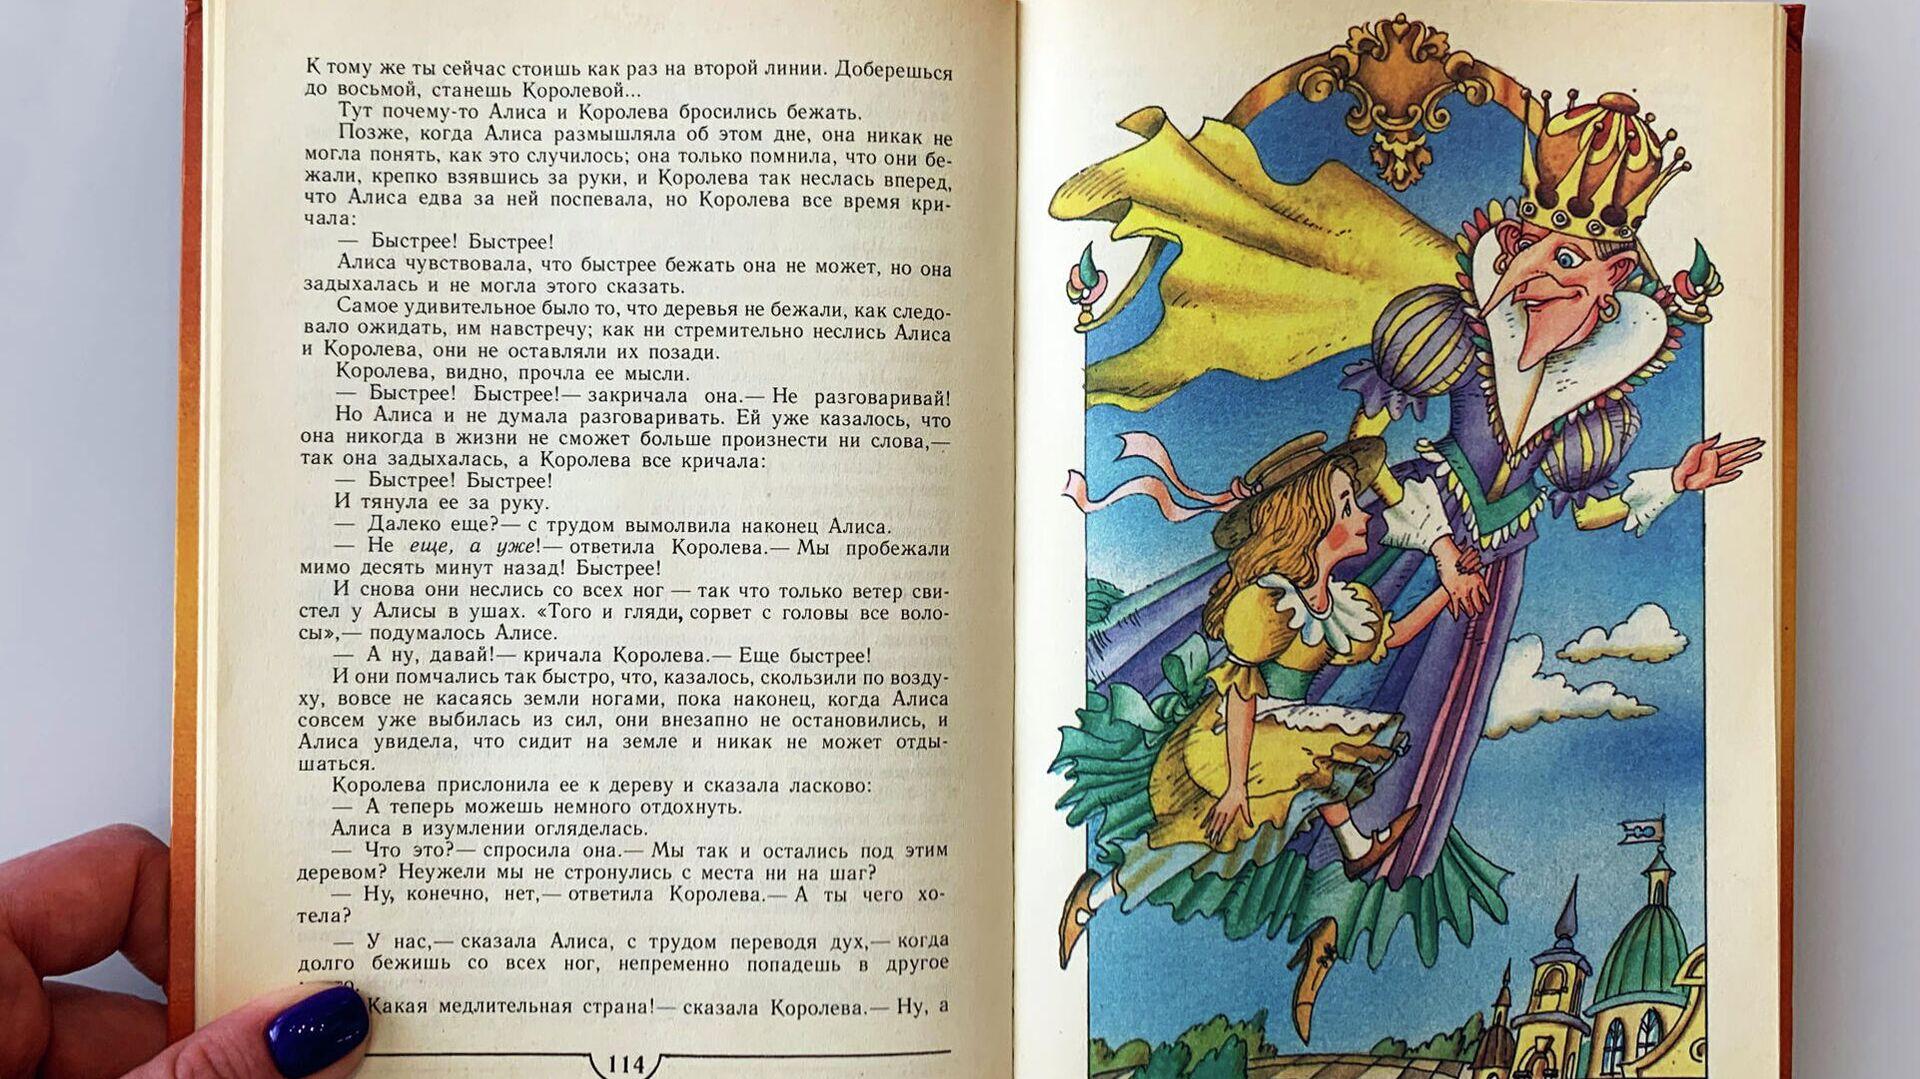 Книга Алиса в стране чудес с иллюстрациями Виктора Шатунова - РИА Новости, 1920, 29.09.2020